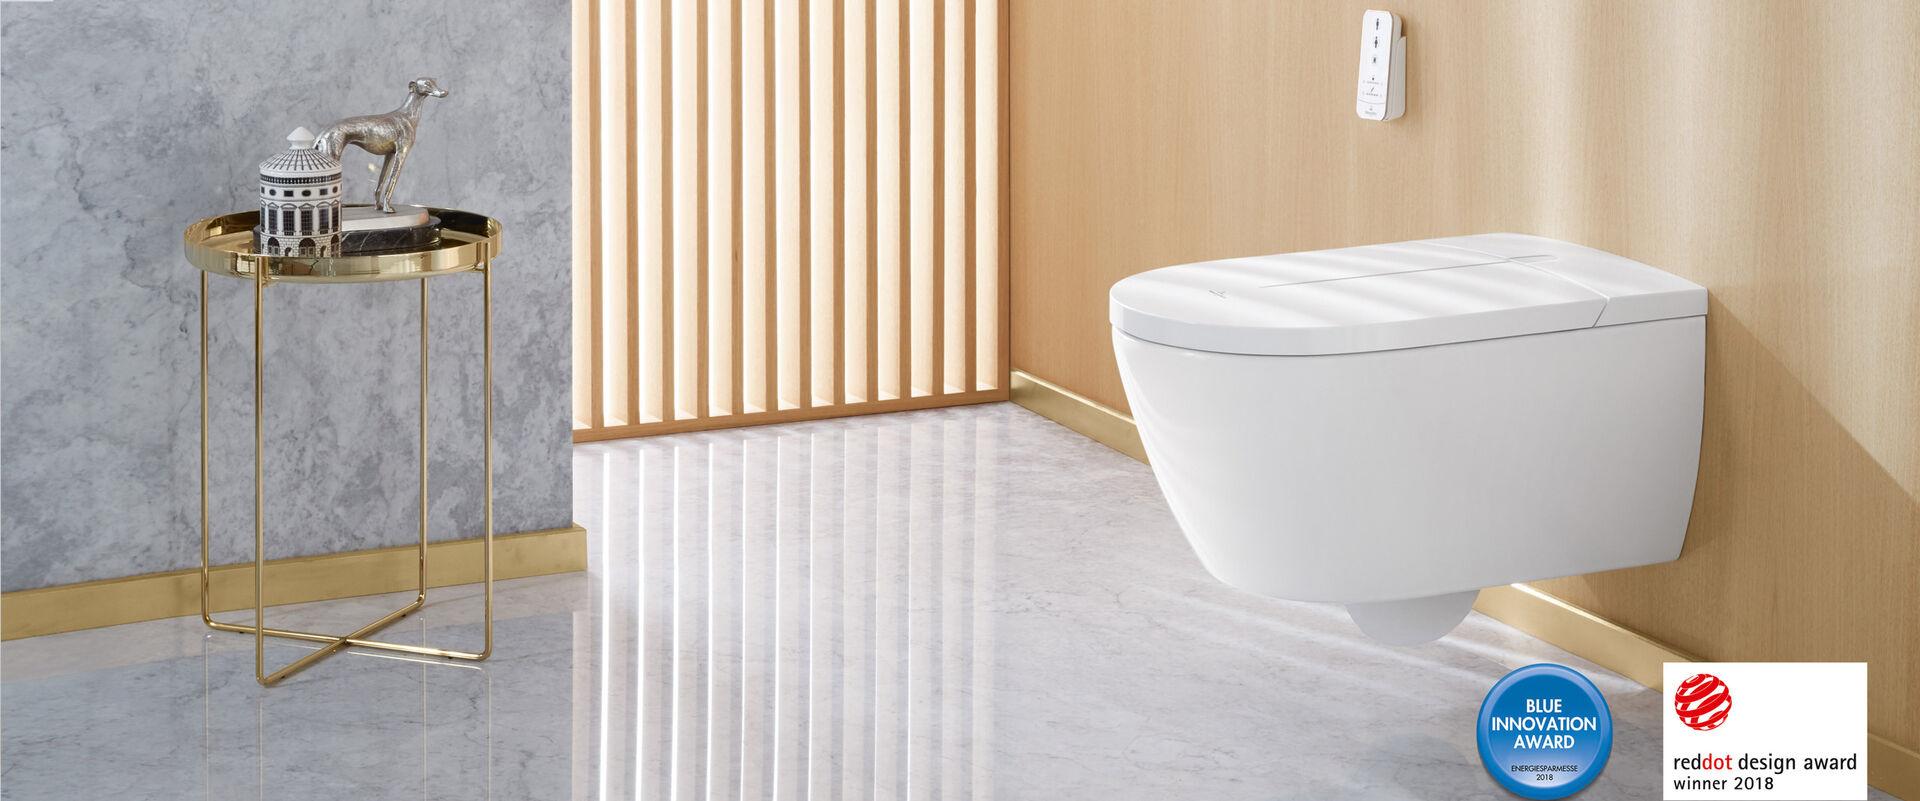 dusch wc viclean i 100 smartes design von villeroy boch. Black Bedroom Furniture Sets. Home Design Ideas